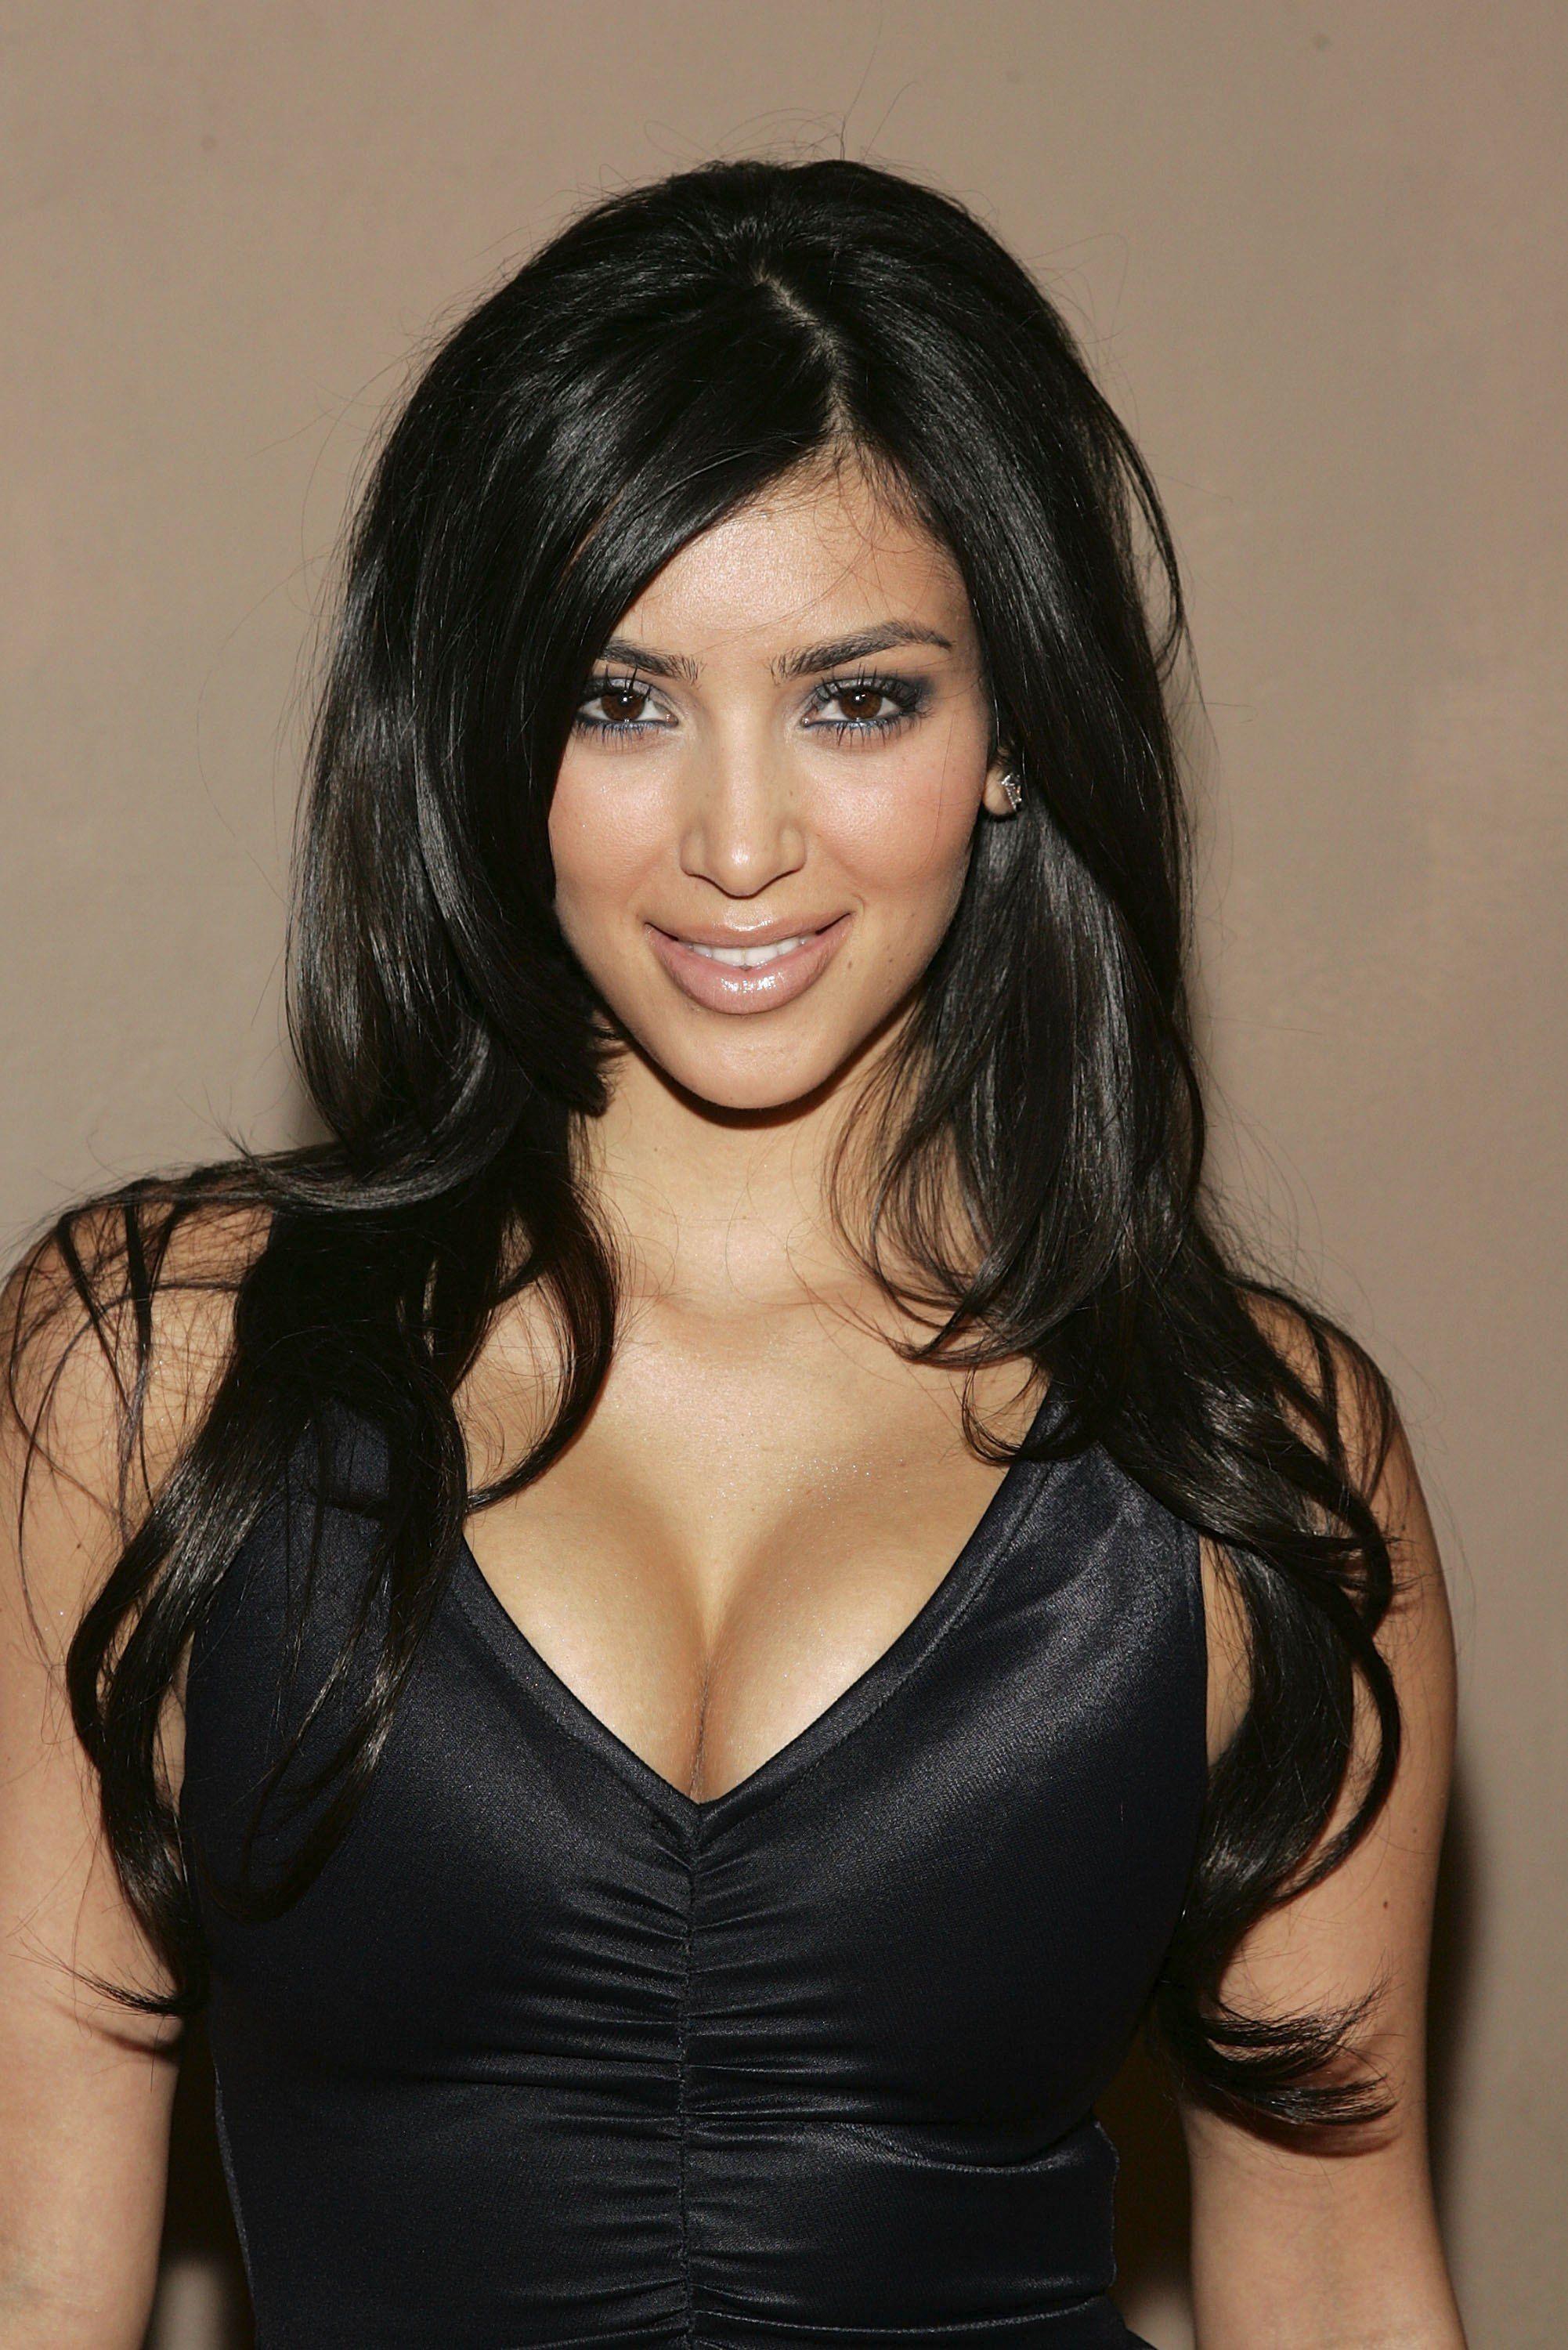 Colore di capelli di kim kardashian